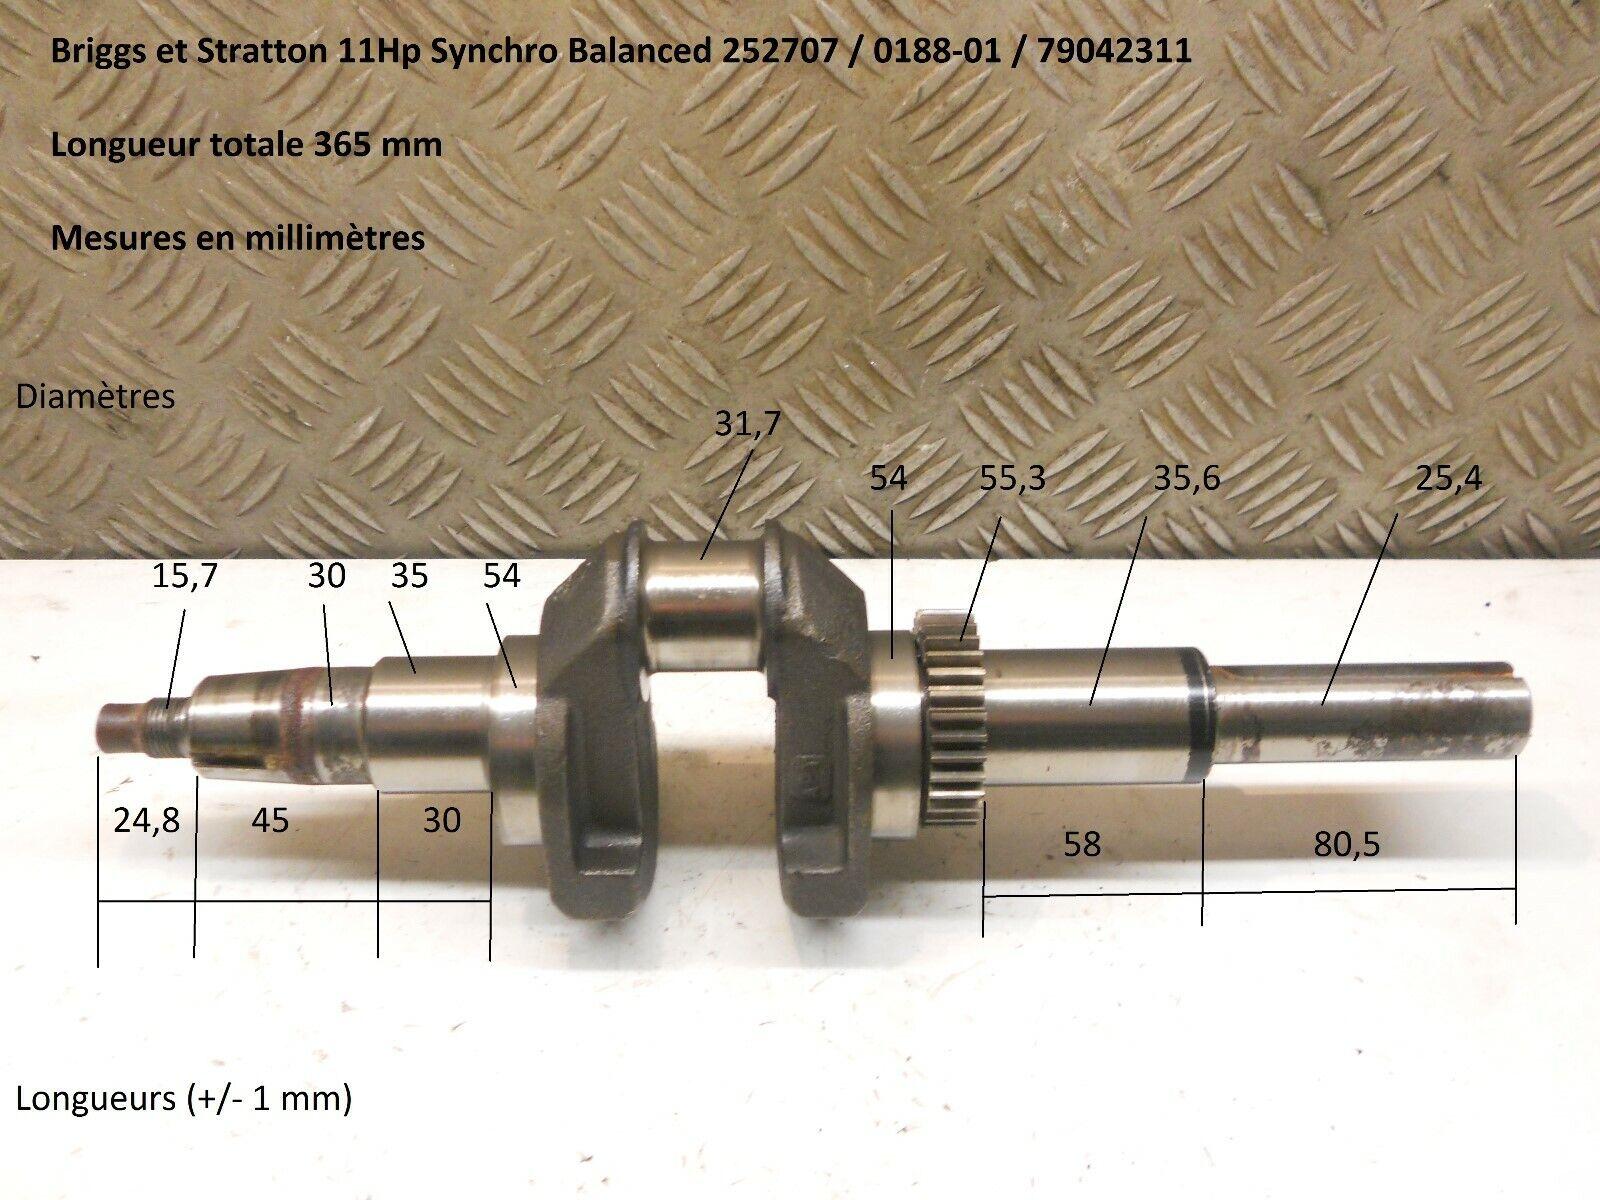 Moteur 11Hp mod. 252707   0188-01 - Vilebrequin ref. 392299